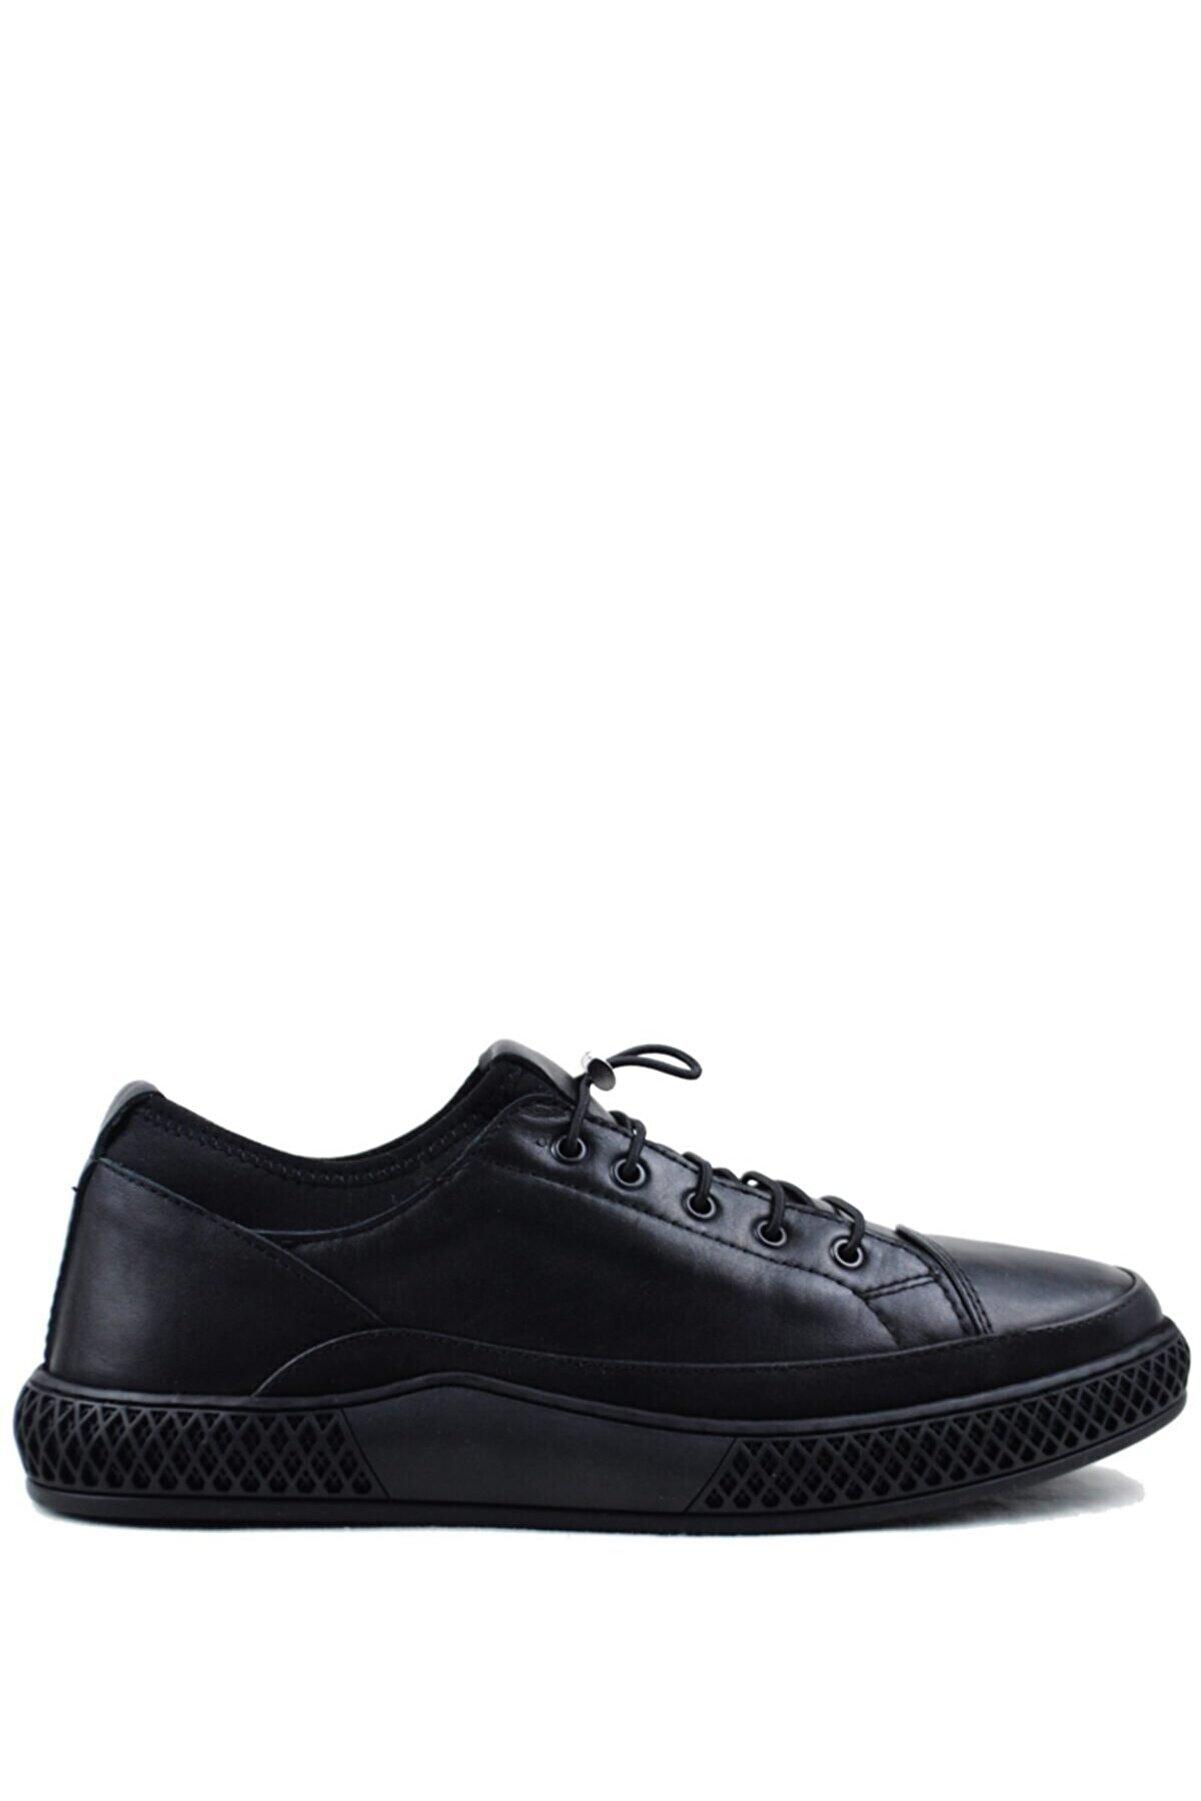 Buffalo Casual Erkek Ayakkabı Siyah